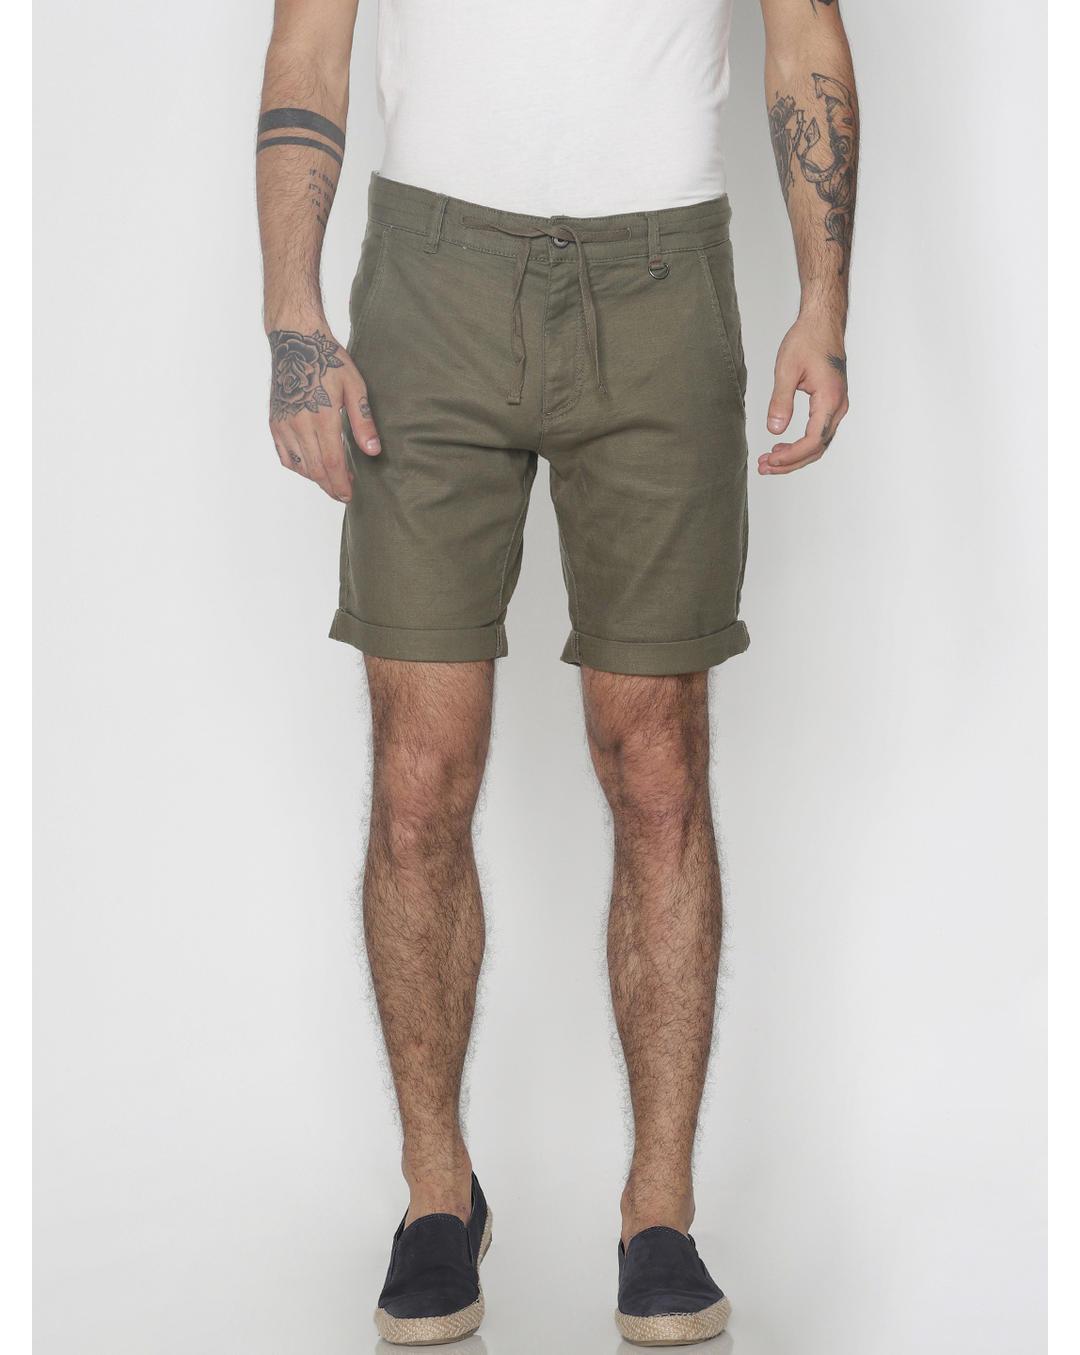 chino shorts vs regular shorts